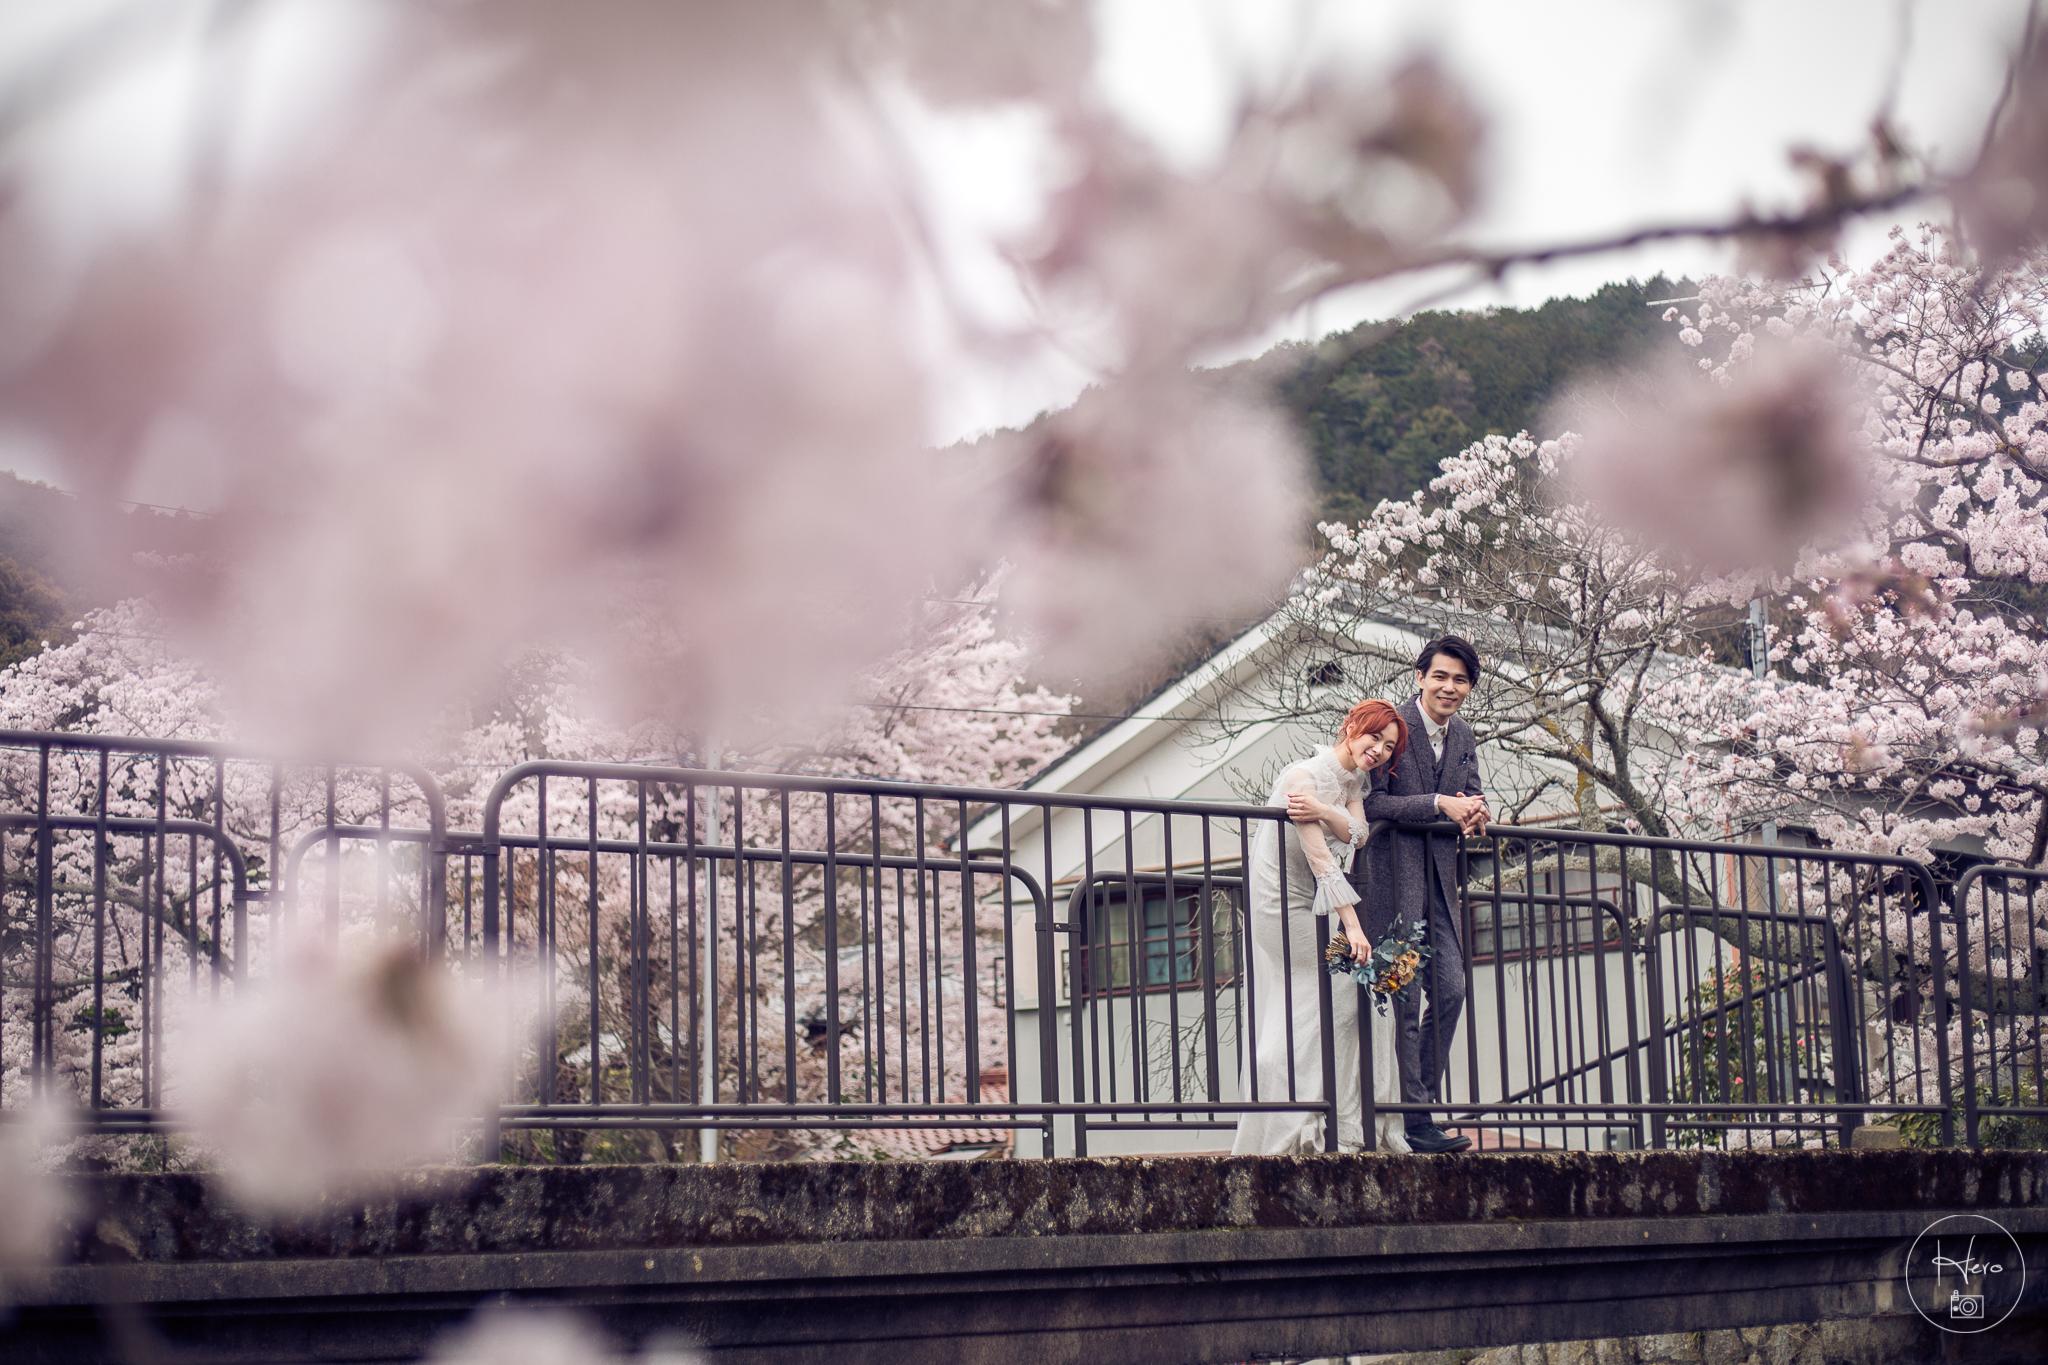 海外婚紗-京都 (13)